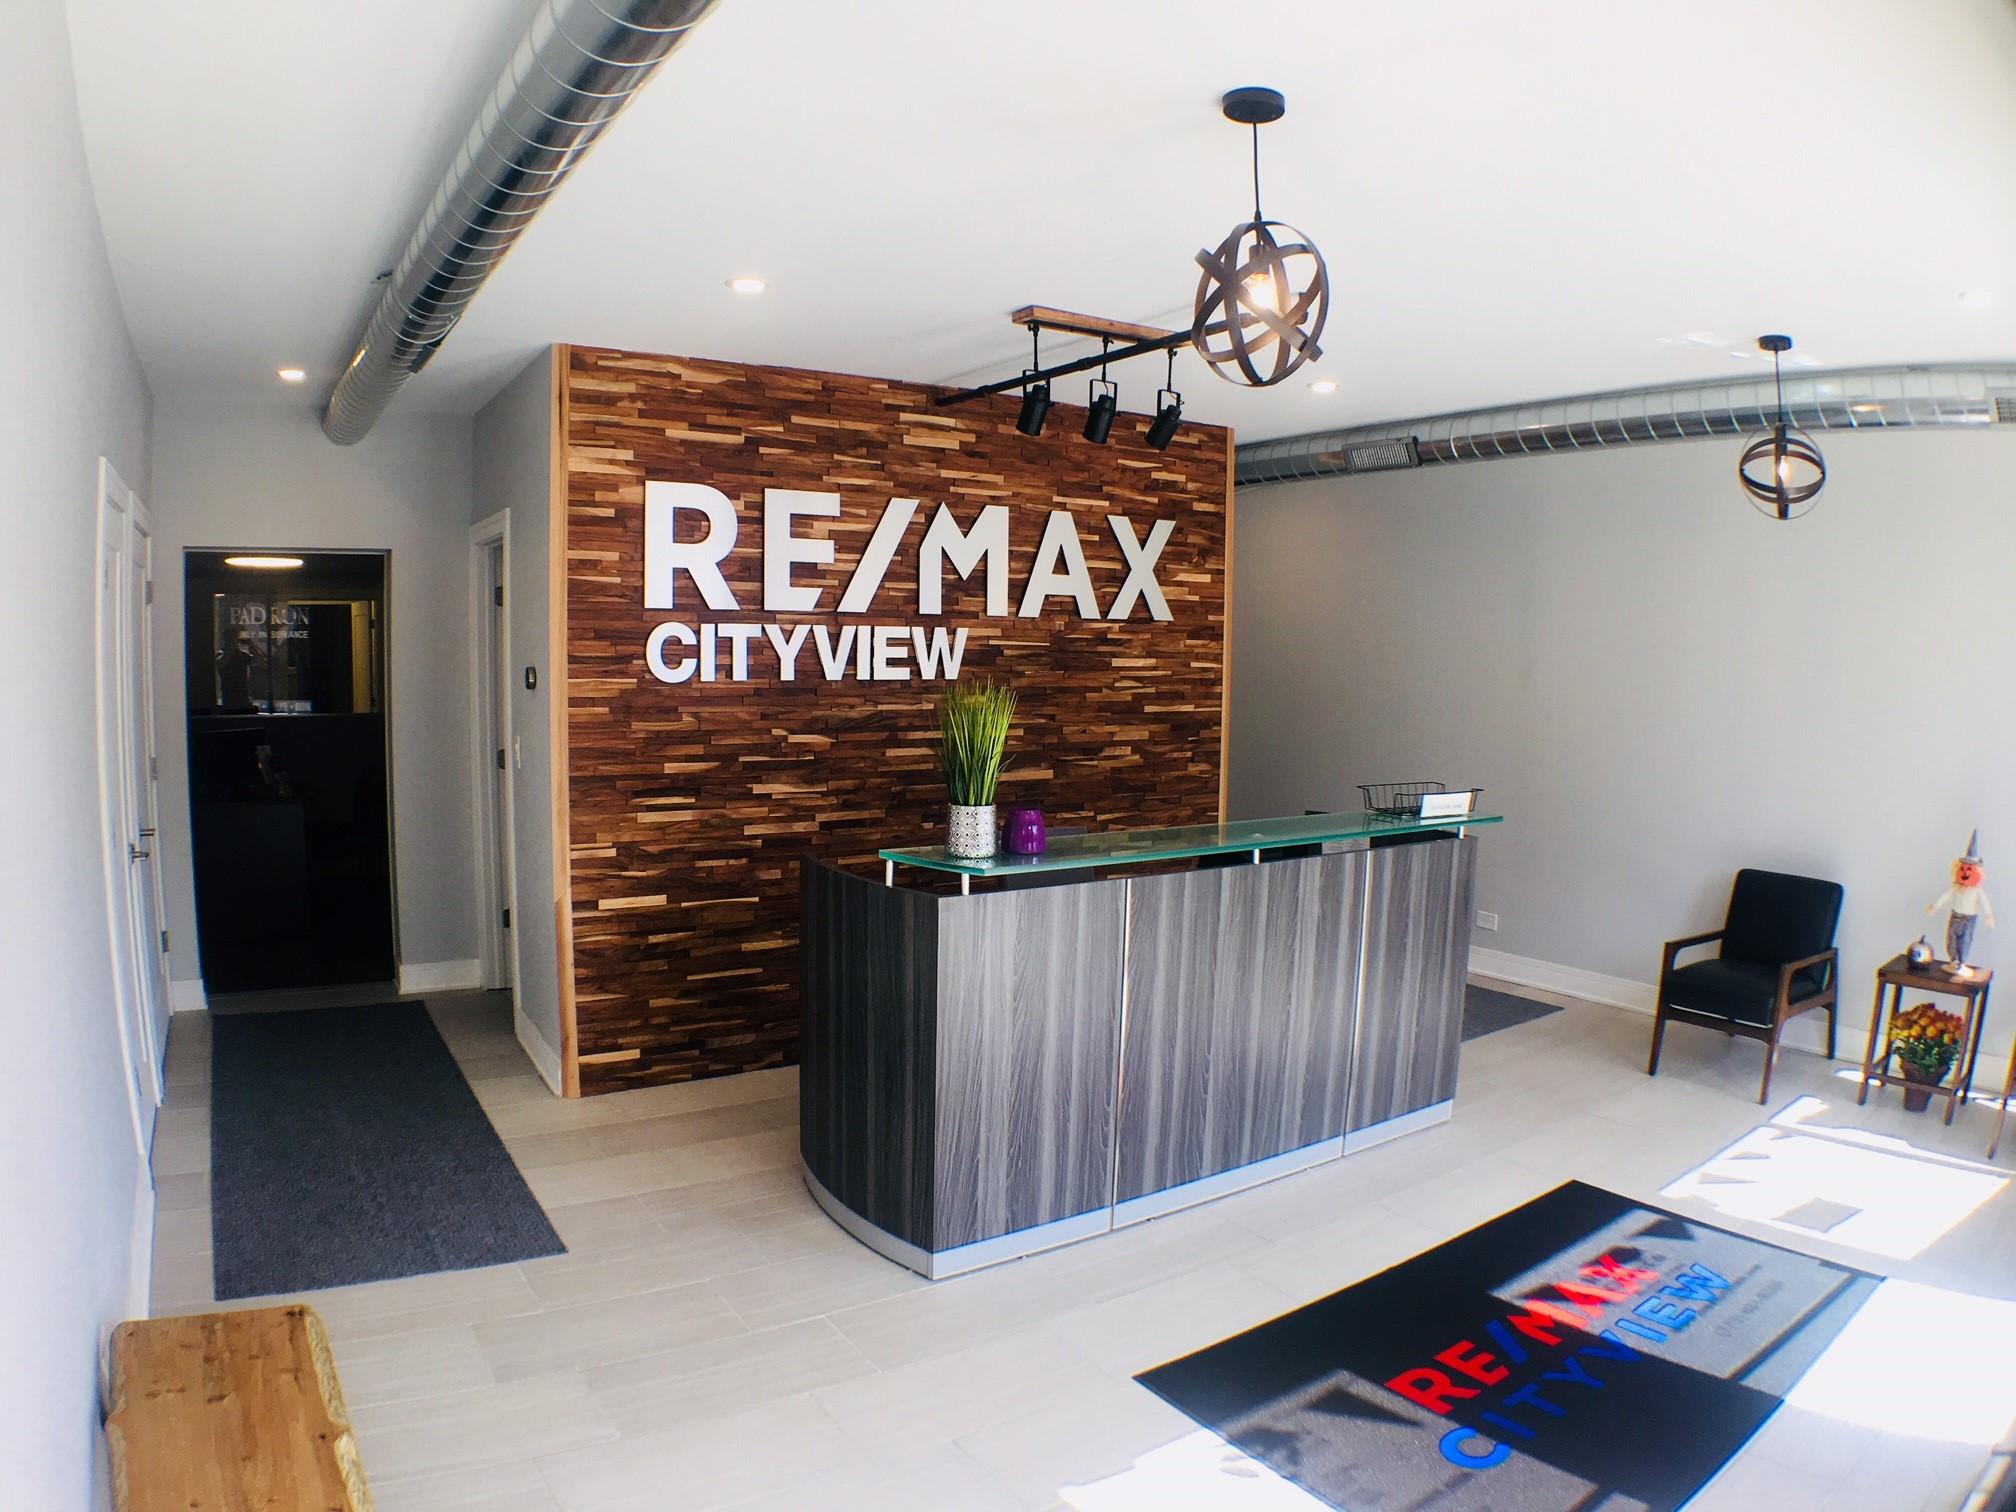 RE/MAX CityView